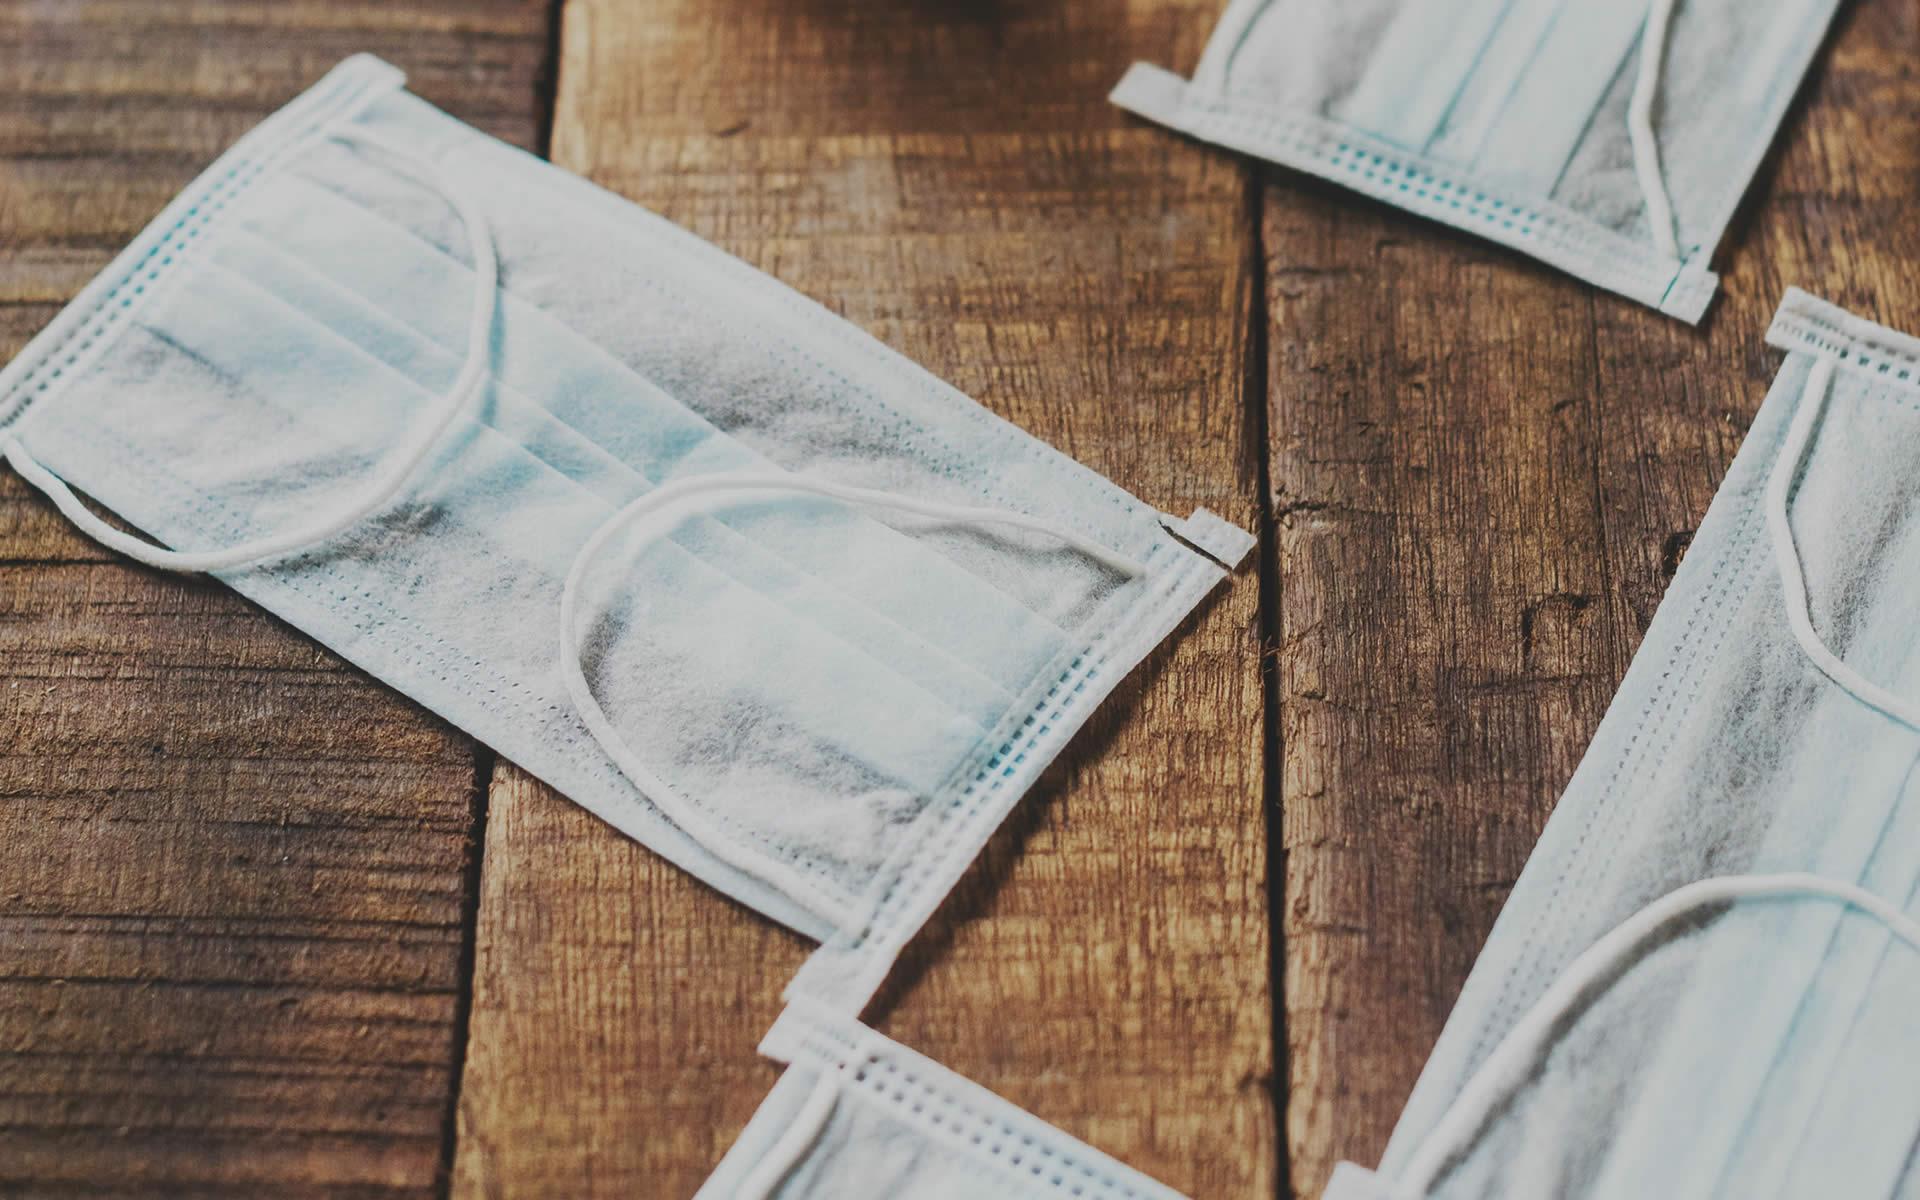 Mascherine e guanti sono rifiuti da gestire in modo corretto. Parte la campagna del Ministero